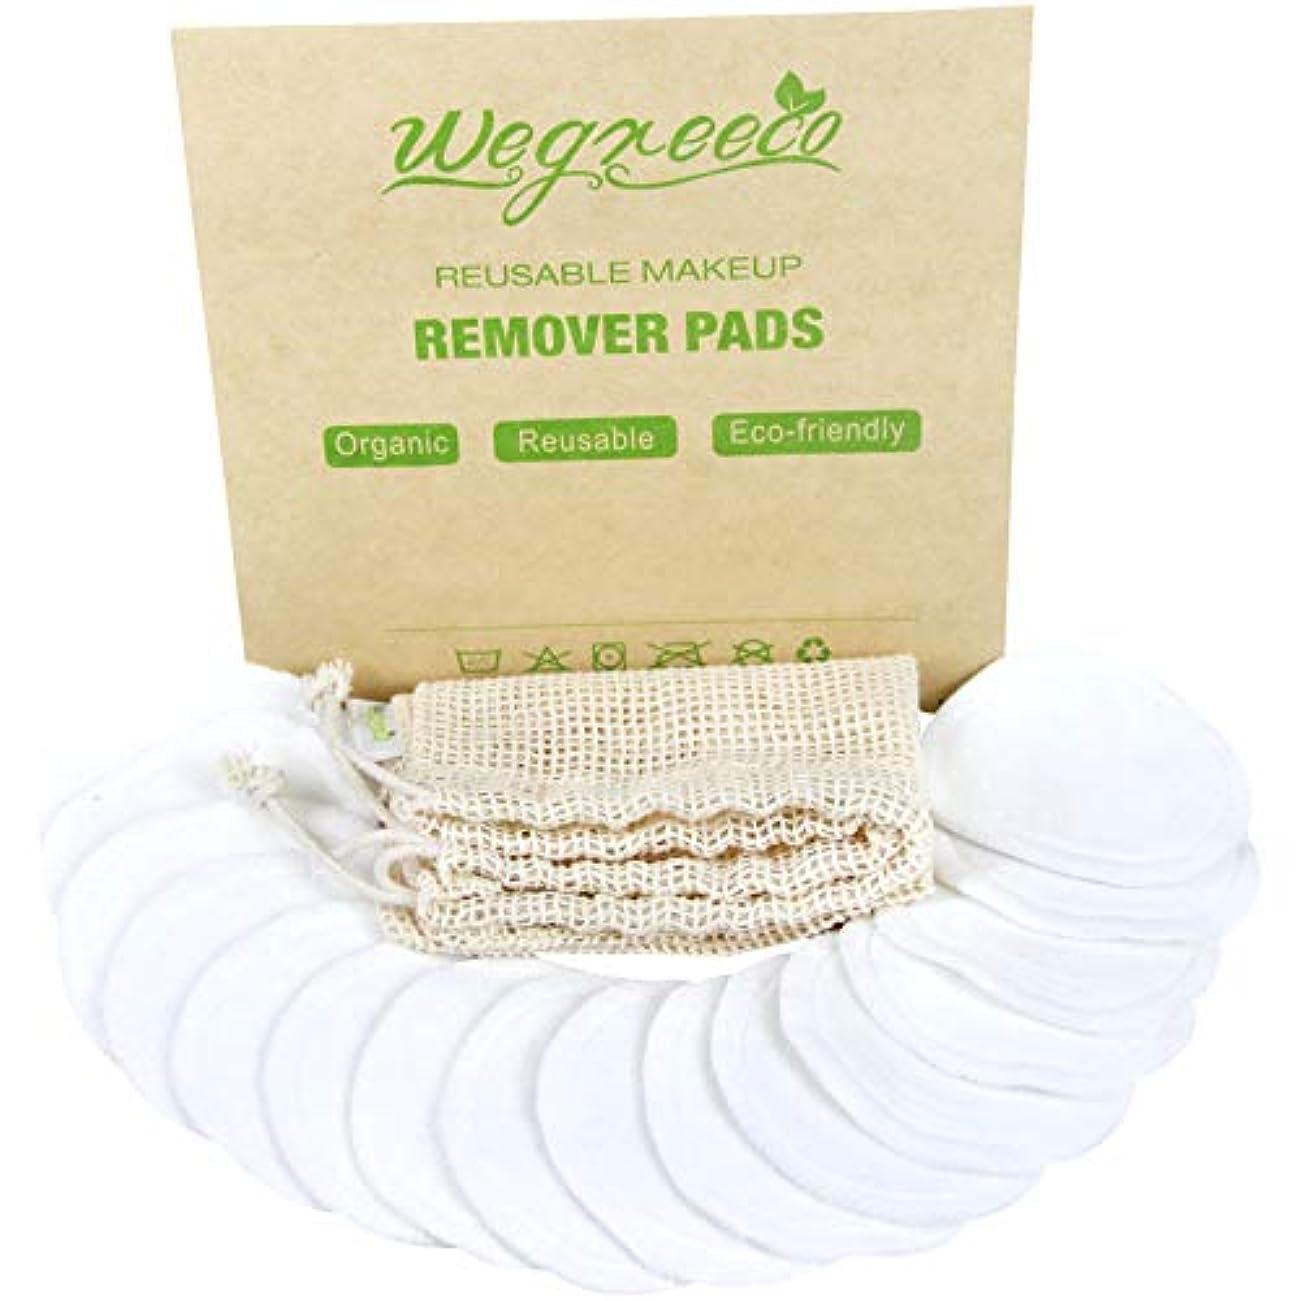 透明に苦しむシンプルさwegreeco 顔 用 再利用可能な竹 メイクアップリムーバーパッド - - 16パック、再利用可能な天然コットンラウンド 再利用可能な顔 パッドランドリーバッグと洗顔トナーパッド 竹コットンホワイト